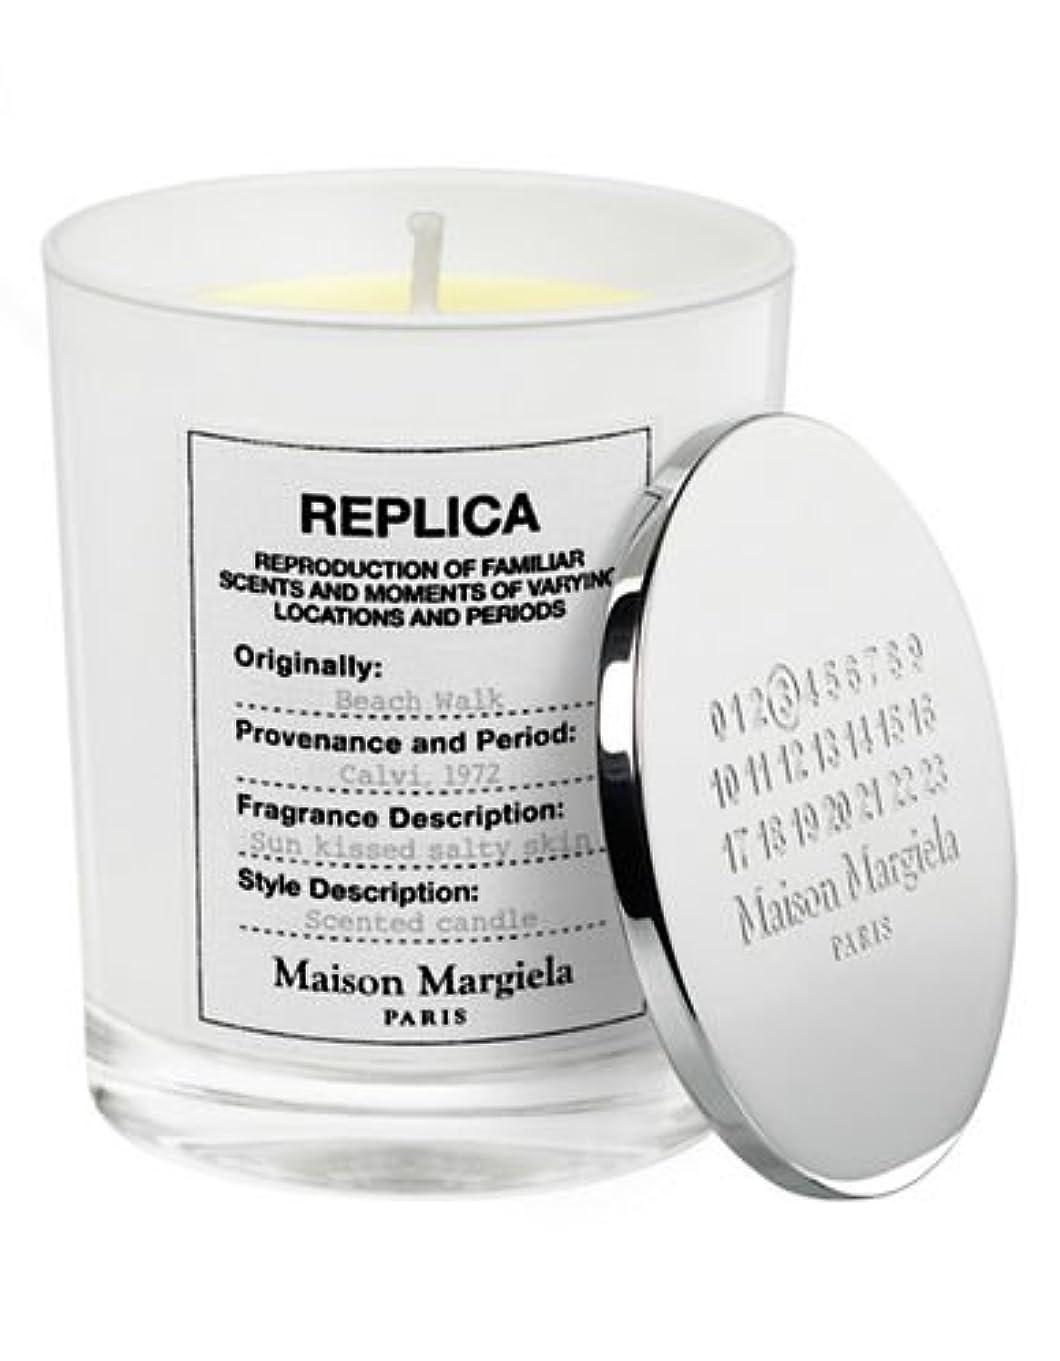 放映エンドテーブル適応( 1 ) Maison Margiela 'レプリカ' Beach Walk Scented Candle 5.82oz